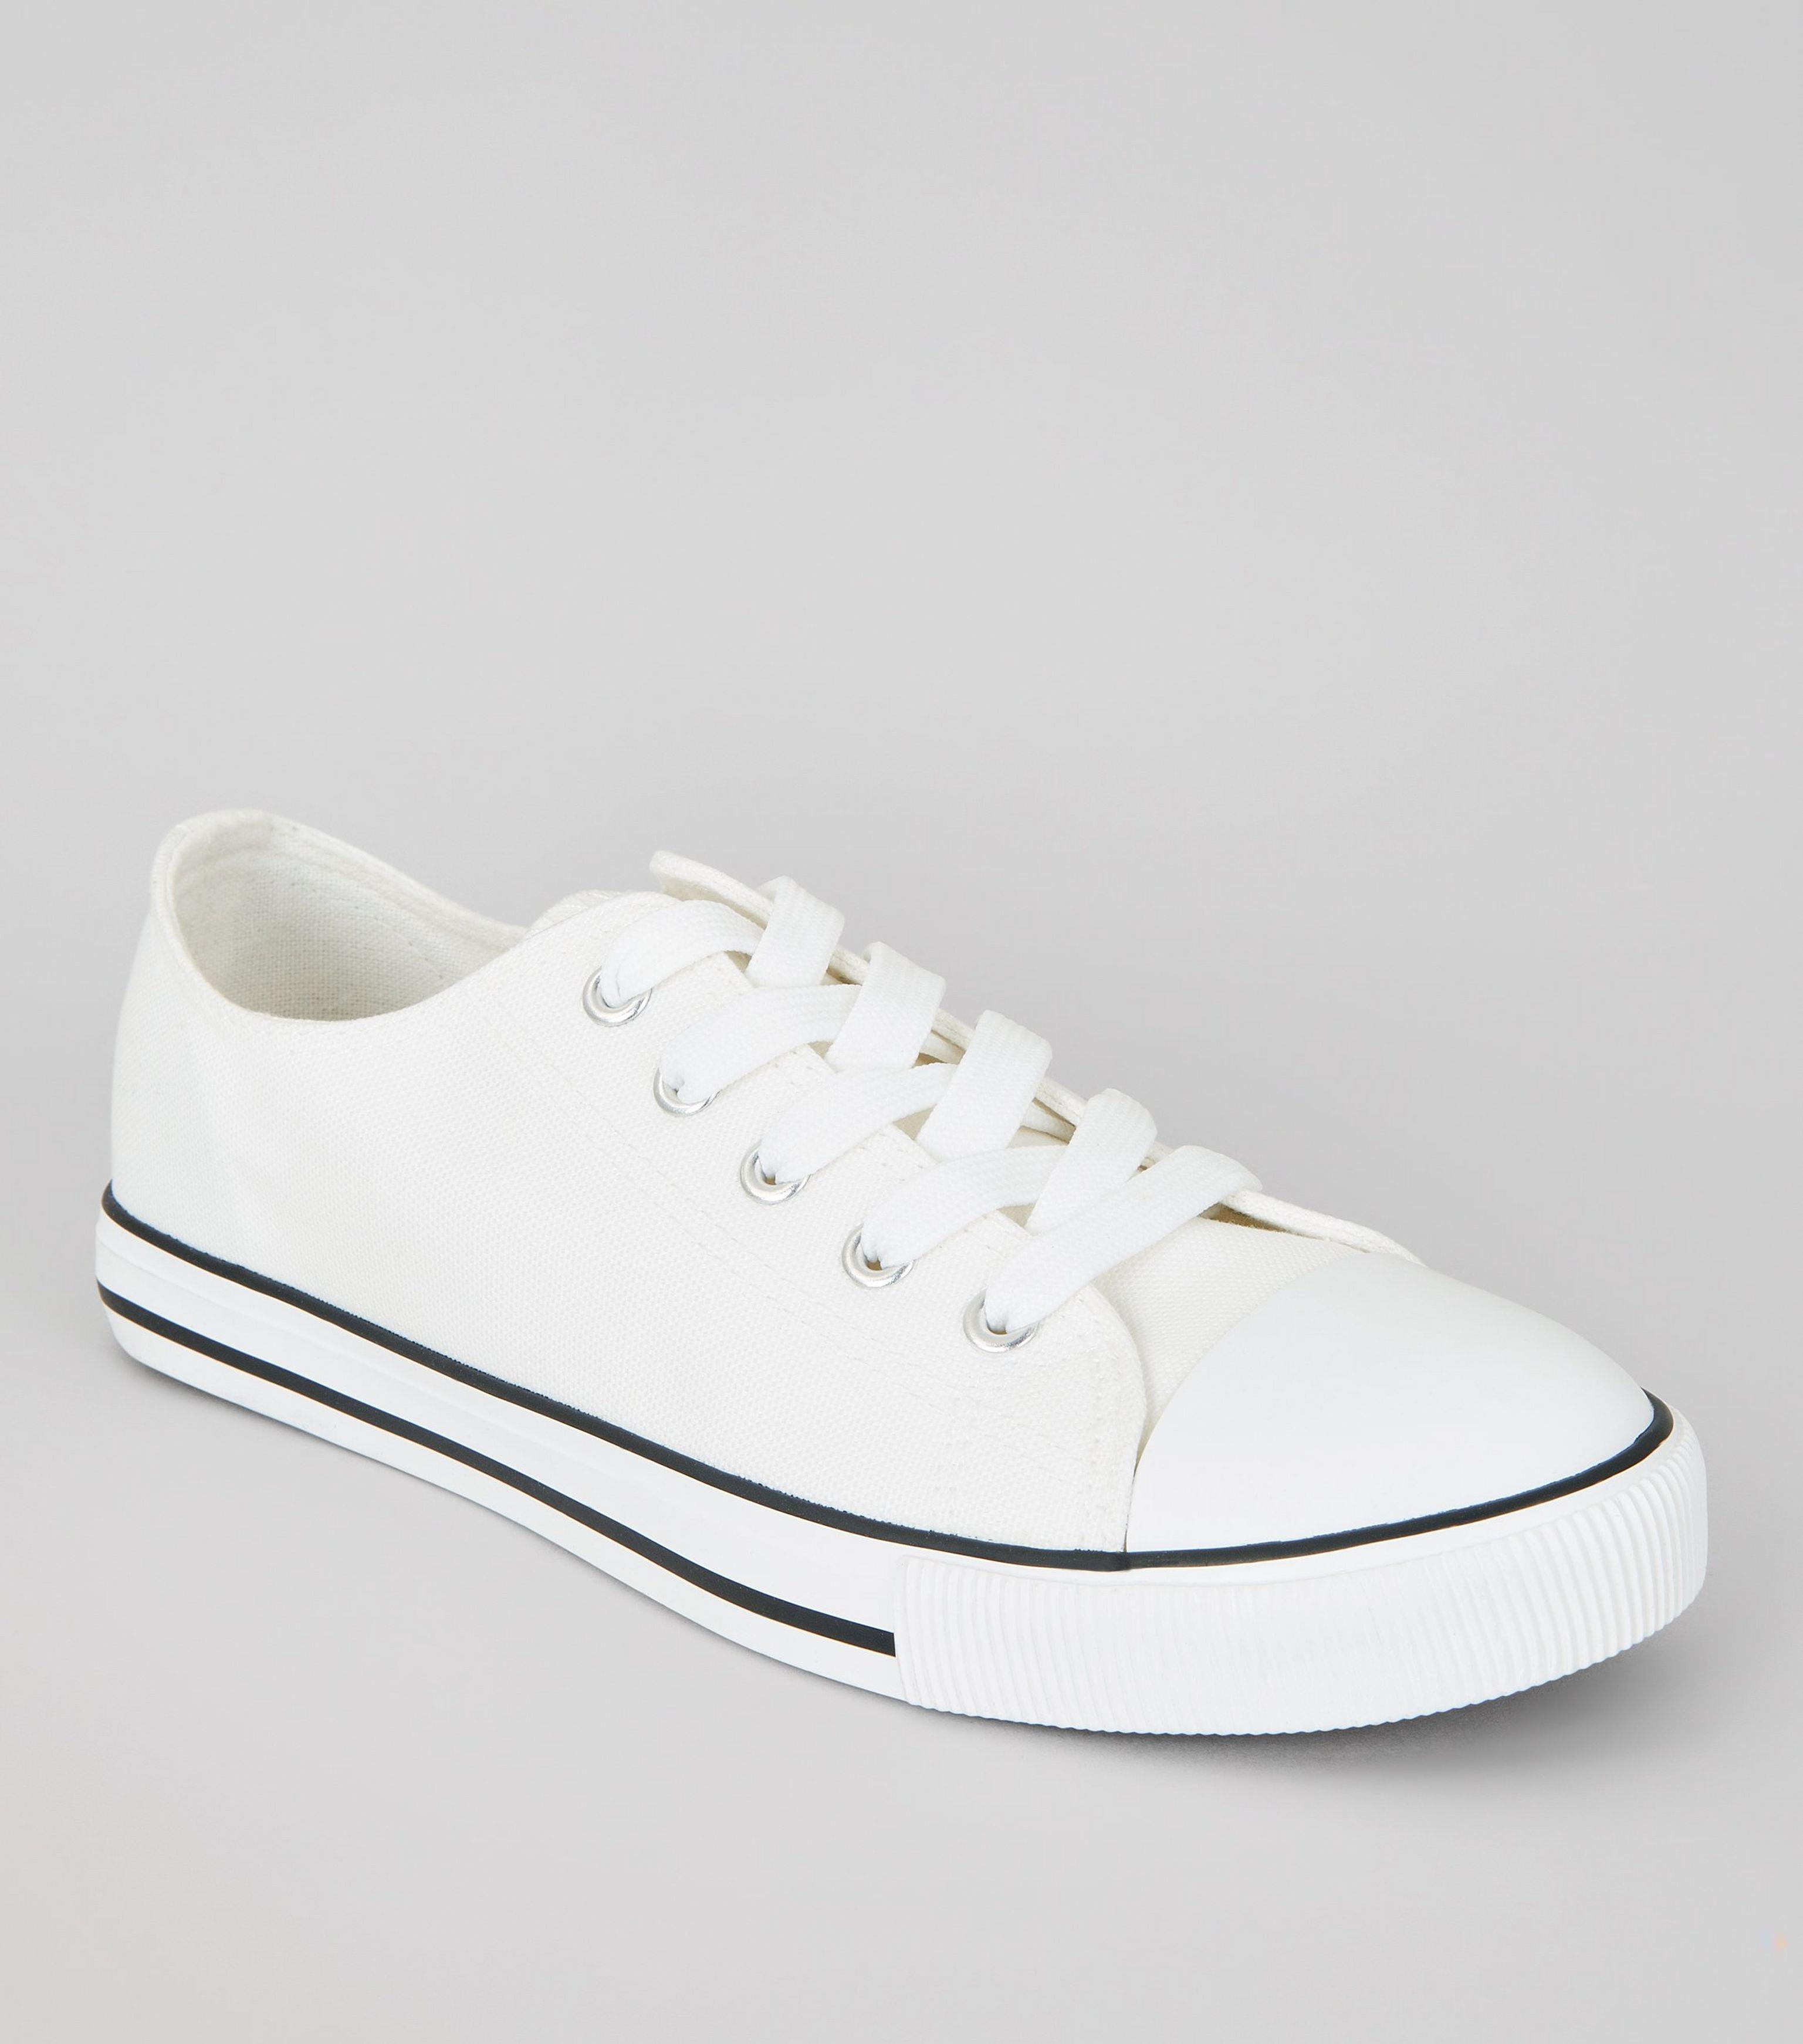 e4834e508cac New Look White Canvas Stripe Sole Trainers in White - Lyst